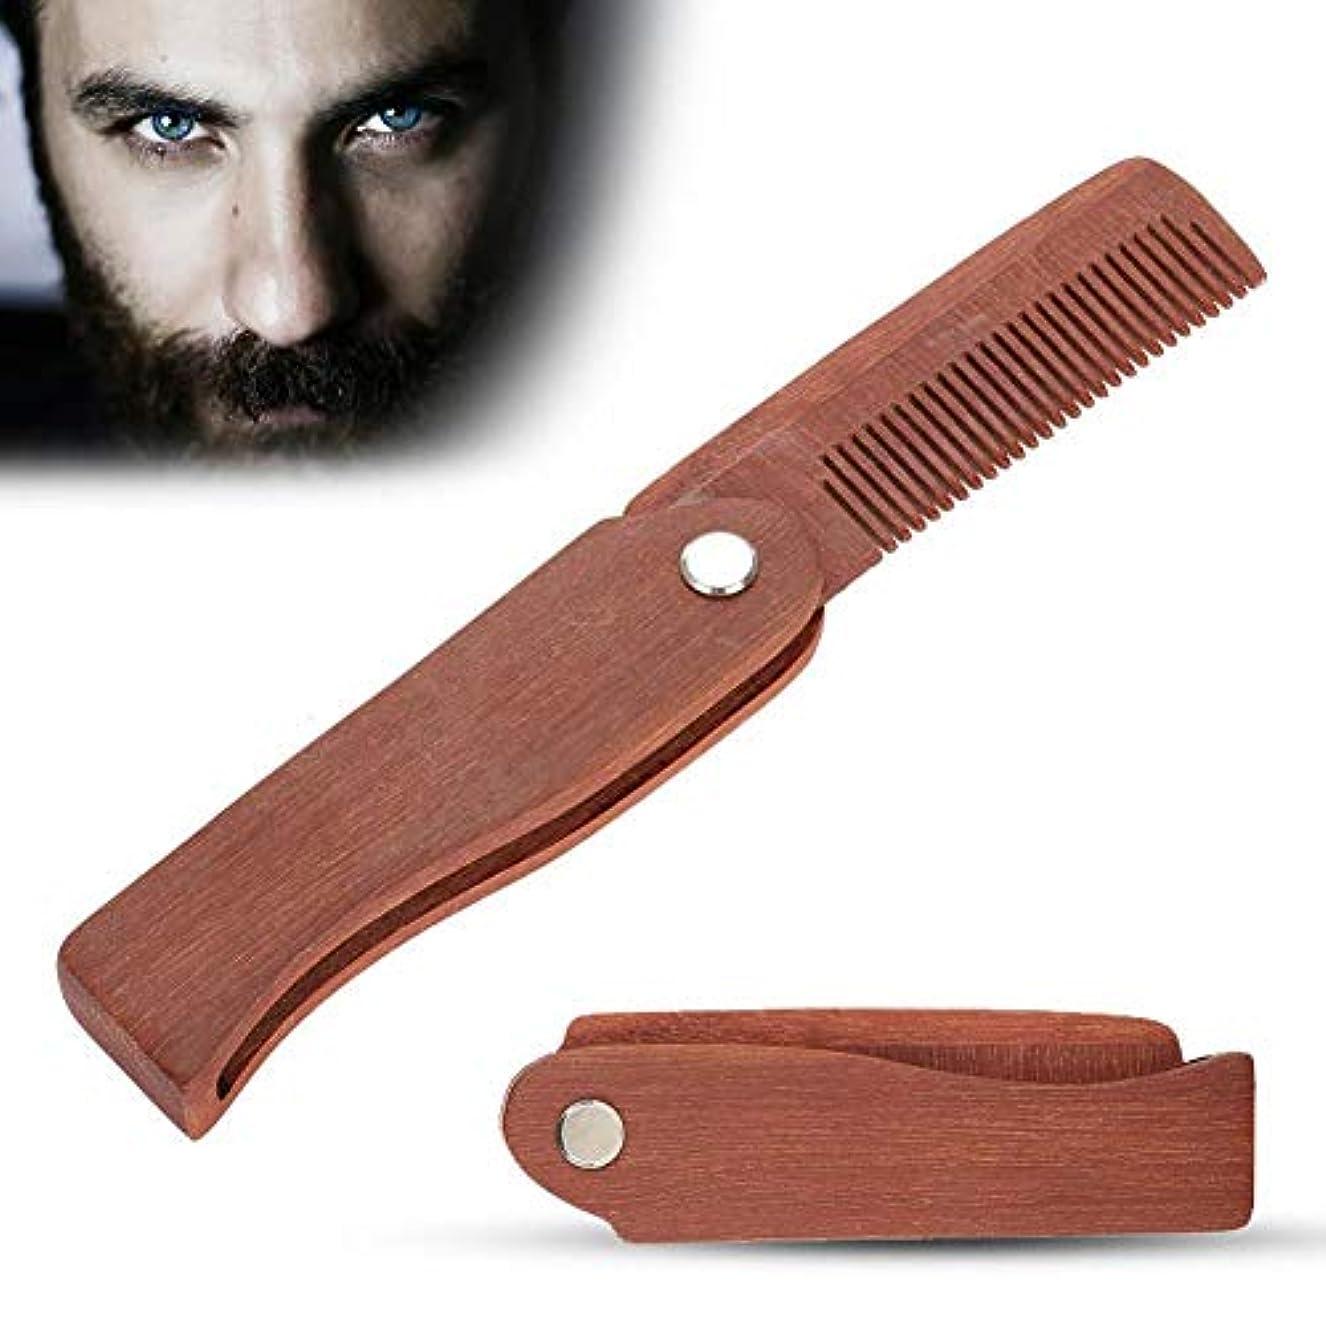 緩む米国カップルひげ髪櫛 ヘアコーム メンズ 櫛 静電気防止 木製 折りたたみ 男性 メンズ 贈り物